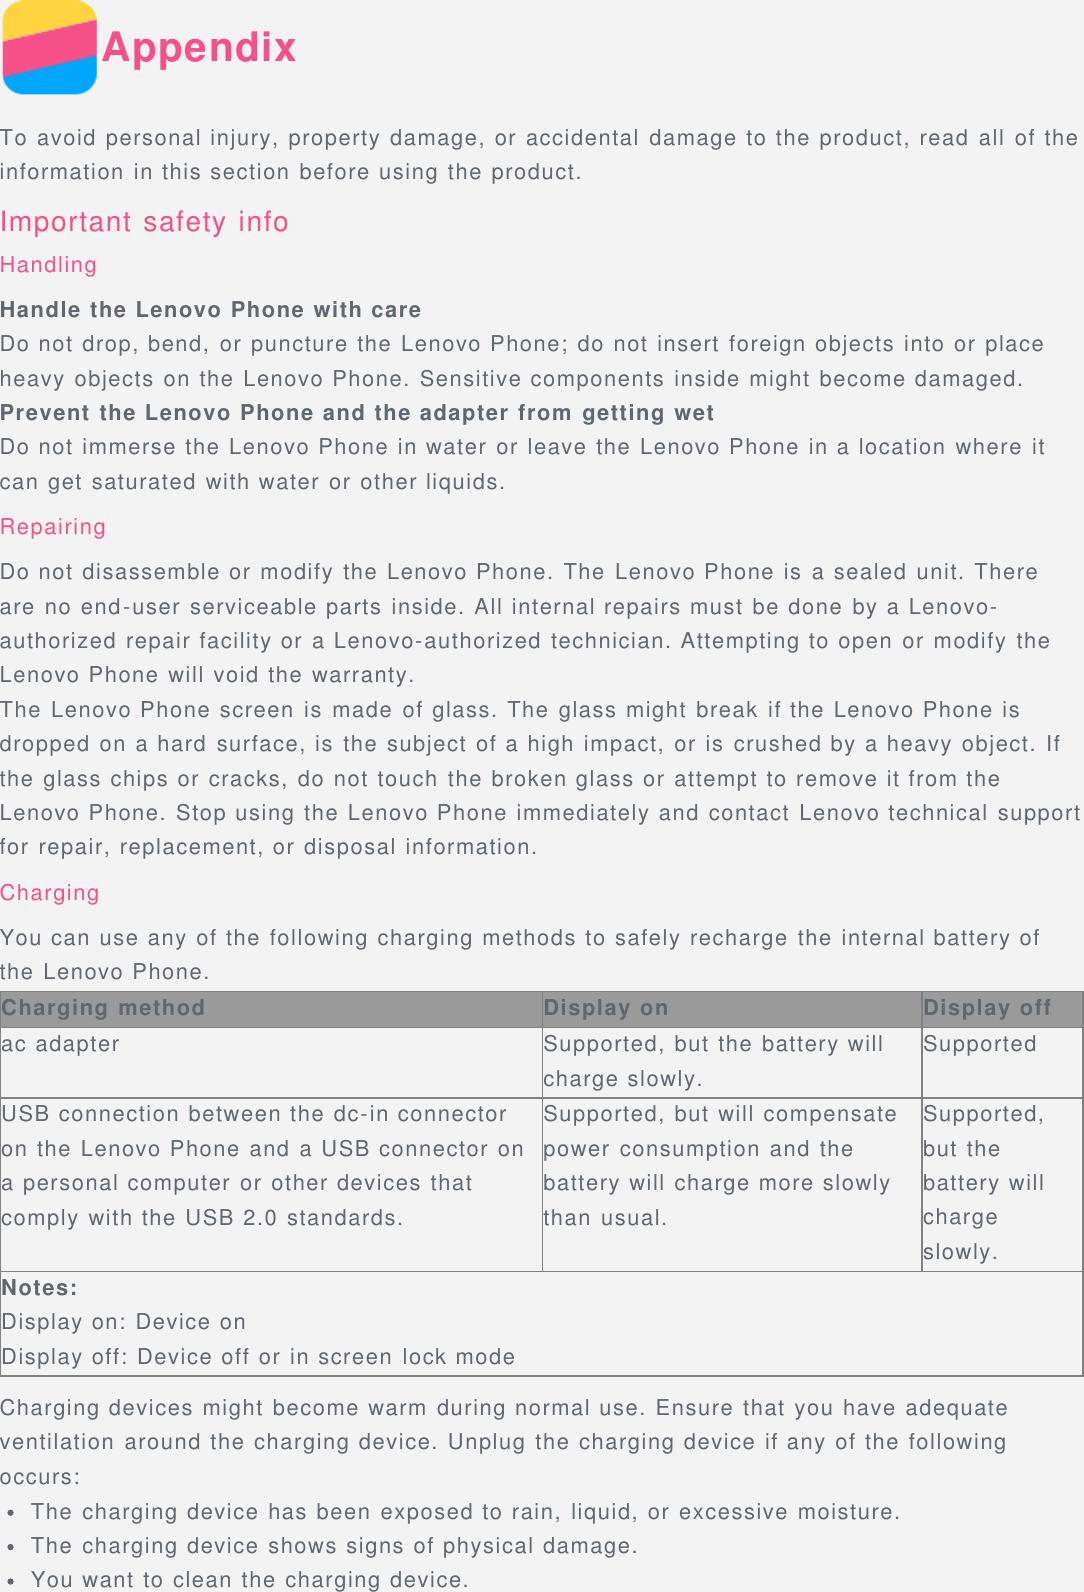 Lenovo Vibe K5 Note Operation Manual A7020a48 A40 Ug En